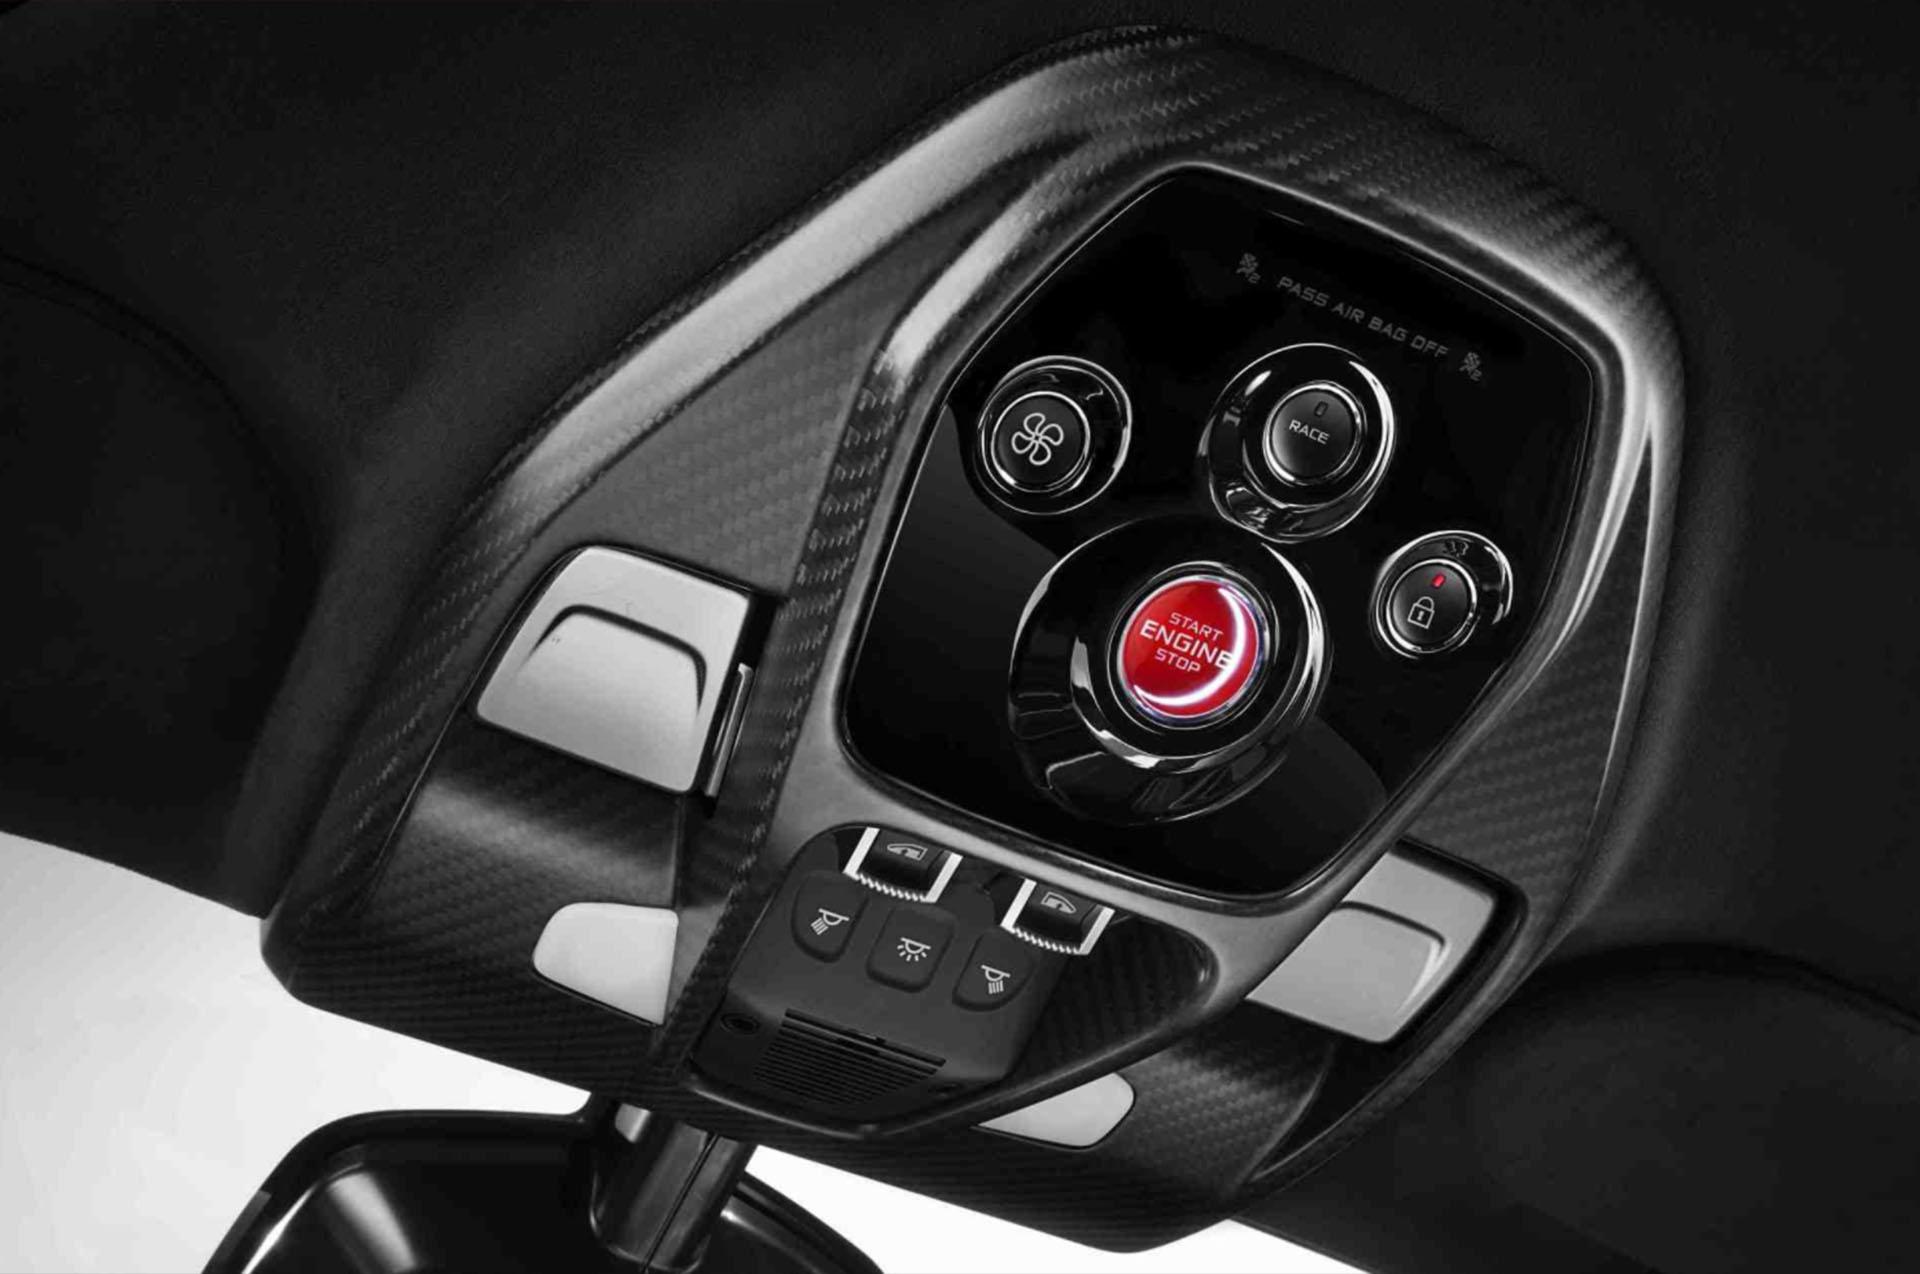 Su nombre interno es M840TR y toma la base del McLaren 720S, reforzado hasta lograr el monocasco más resistente en la historia de la automotriz. Su carrocería está dominada por las entradas y las salidas de aire, siempre en procura de proporcionar la mejor respuesta aerodinámica